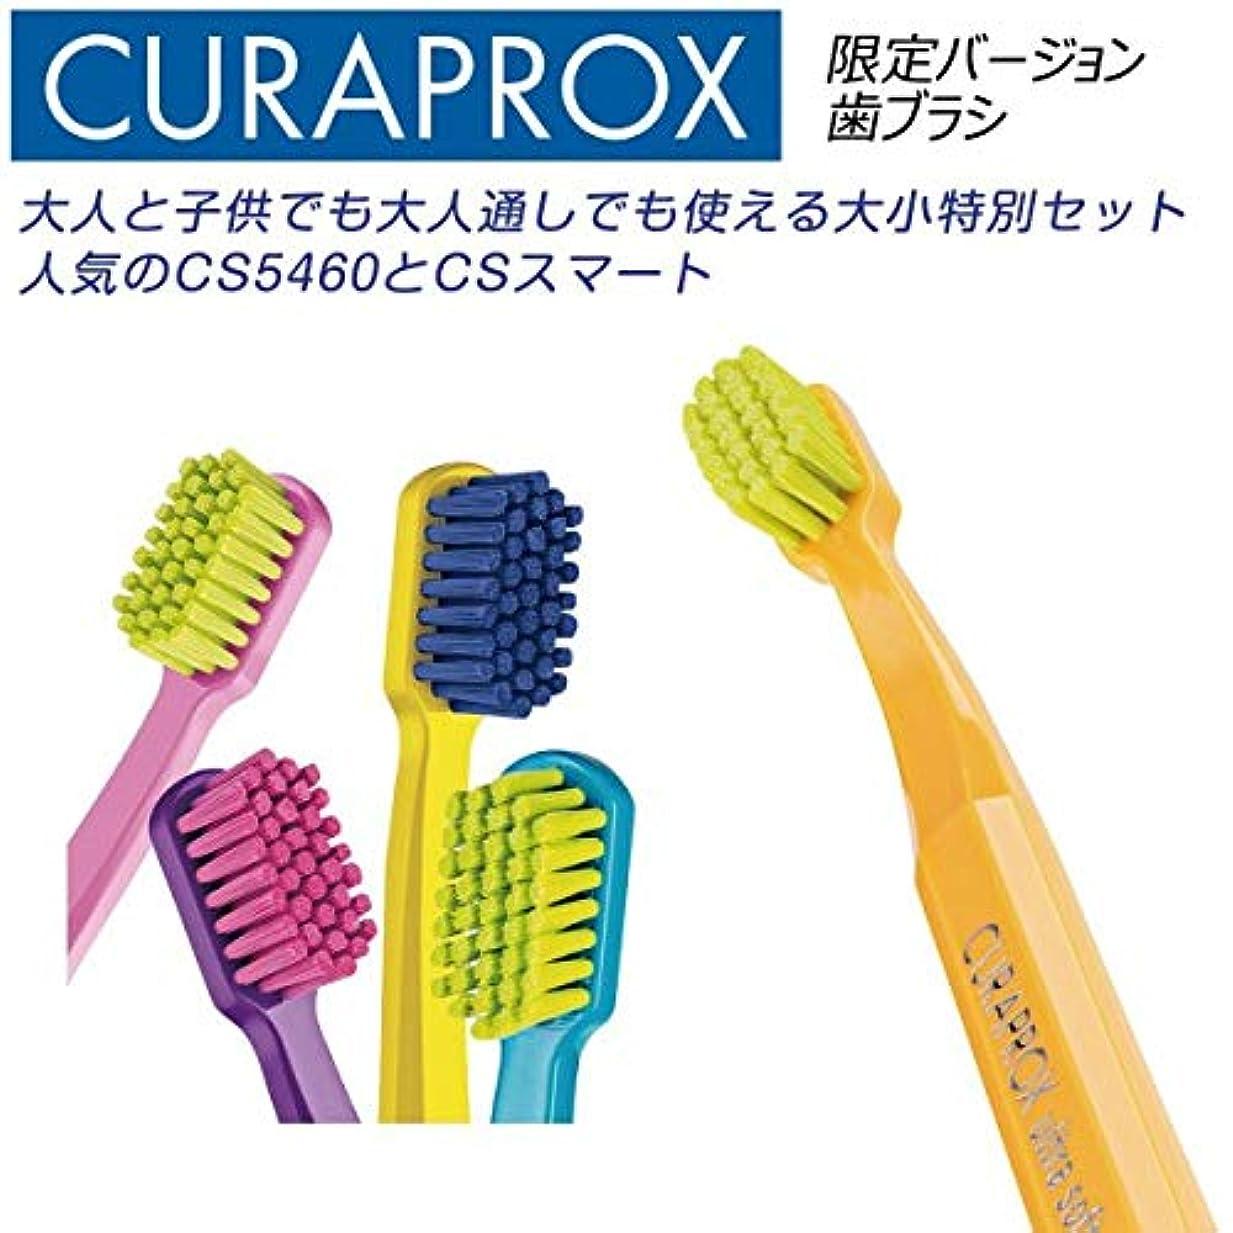 センター割り込み顔料クラプロックス 歯ブラシ CS5460 ファミリーエディション黄緑+ピンク